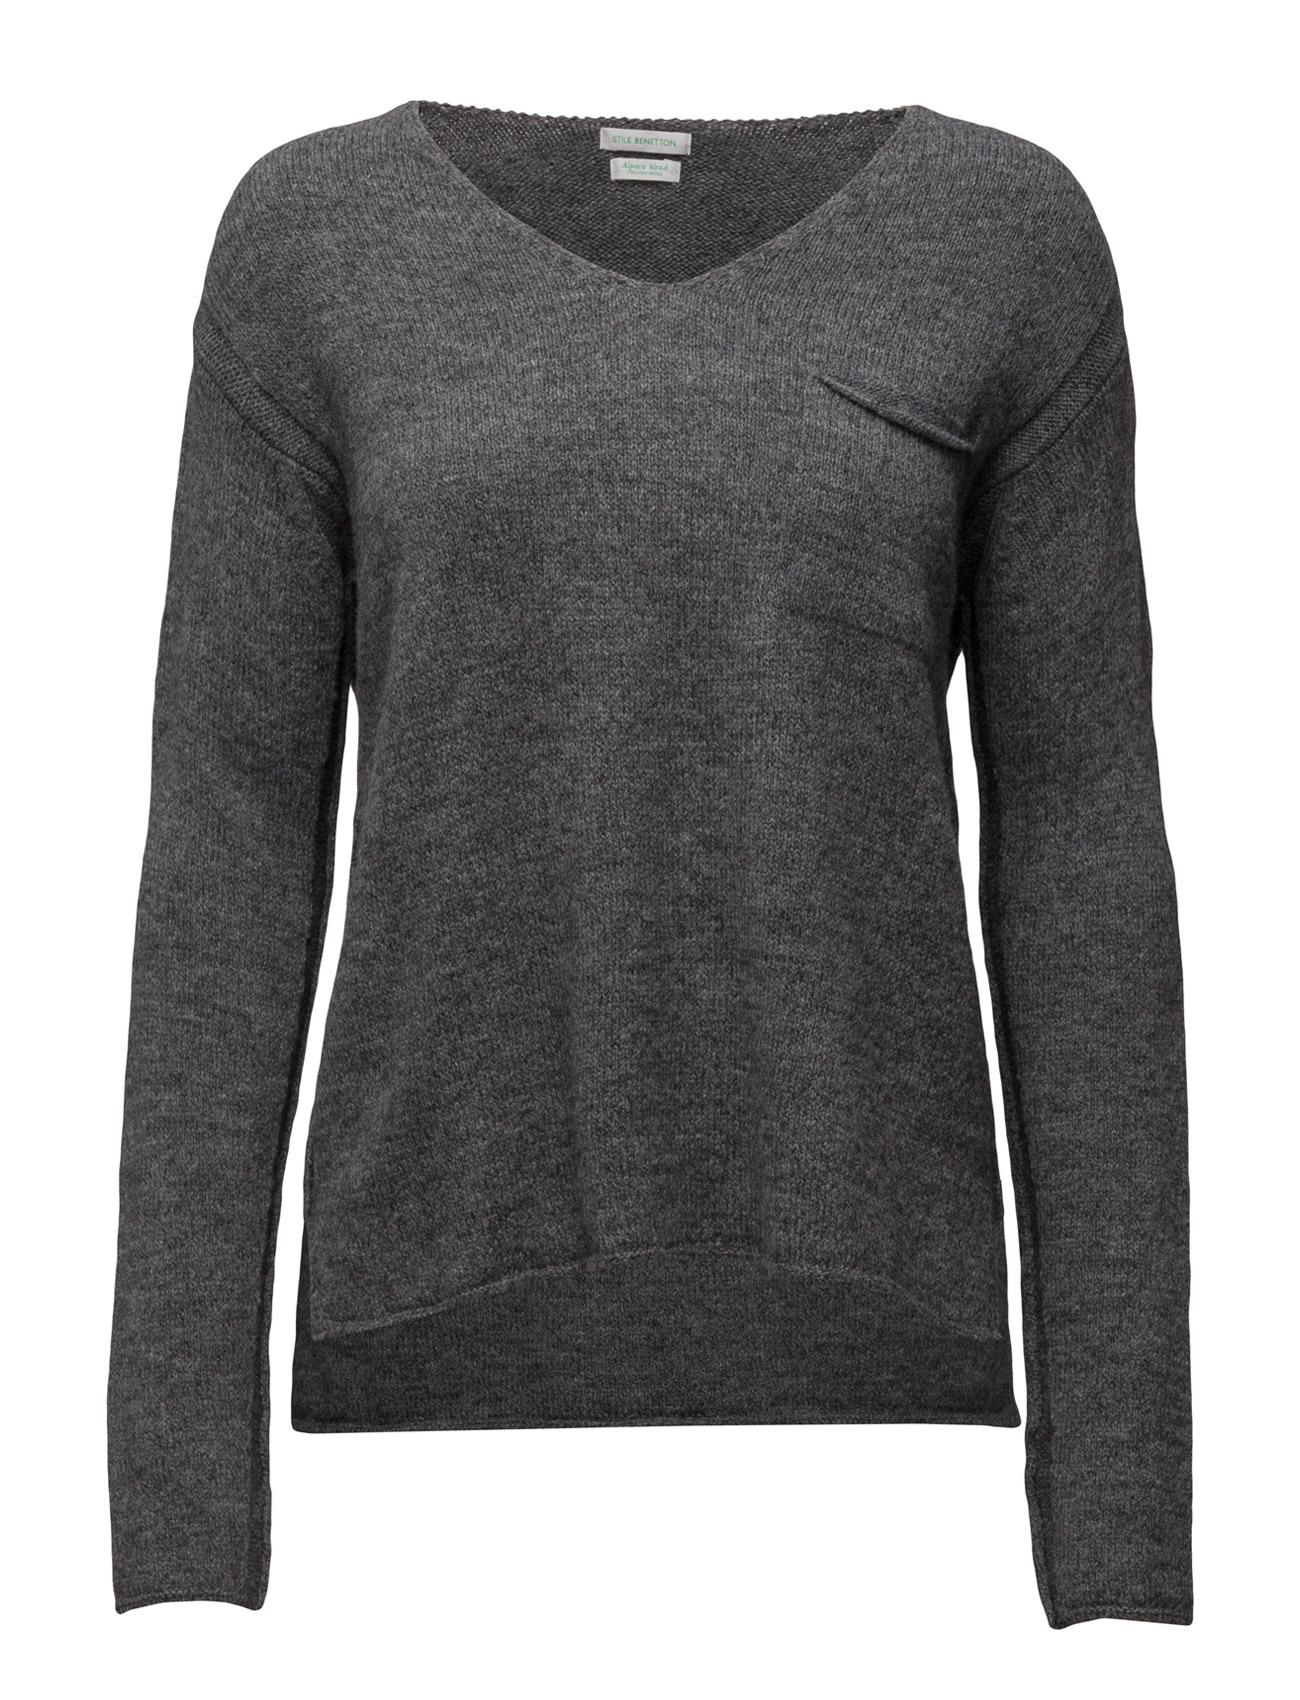 V Neck Sweater L/S United Colors of Benetton Sweatshirts til Kvinder i